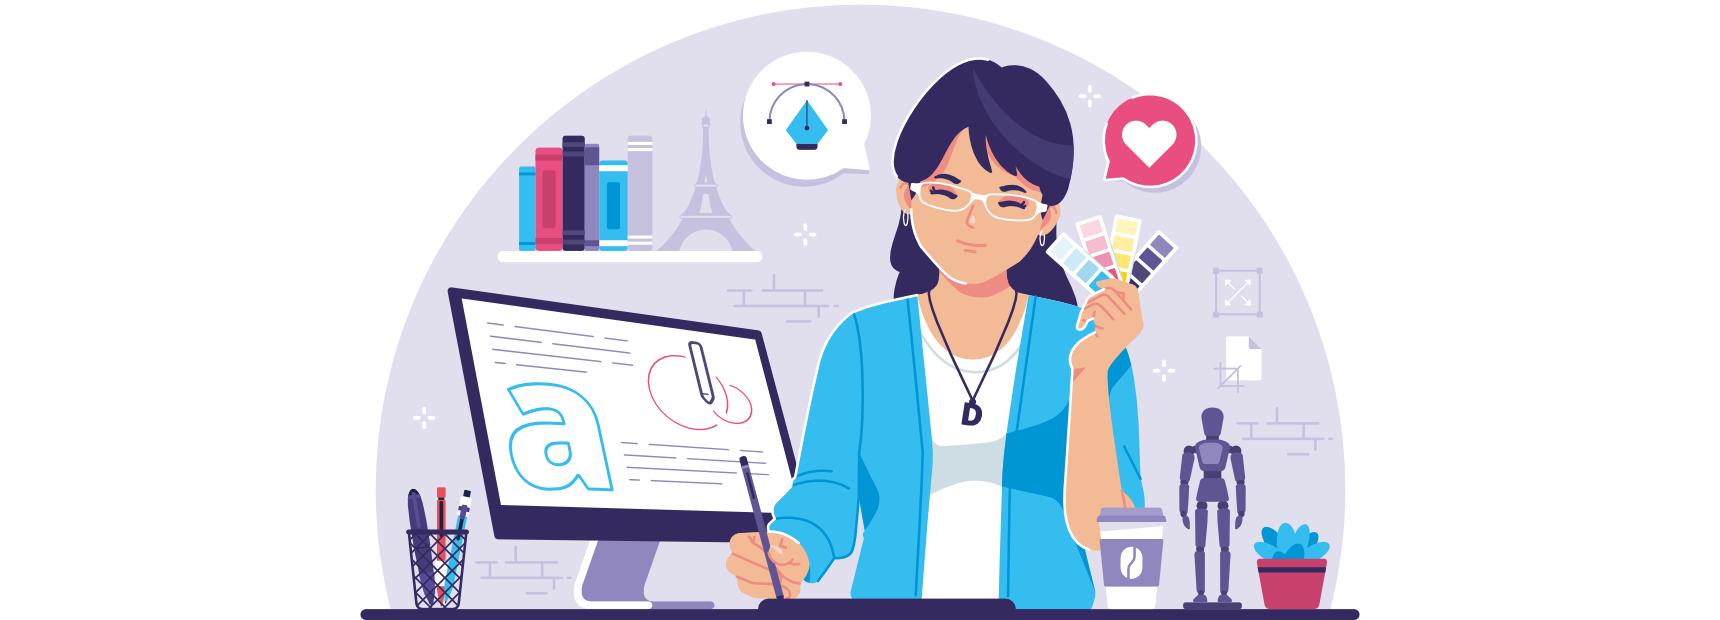 ¿Cómo encontrar a un buen diseñador gráfico y a un buen programador?